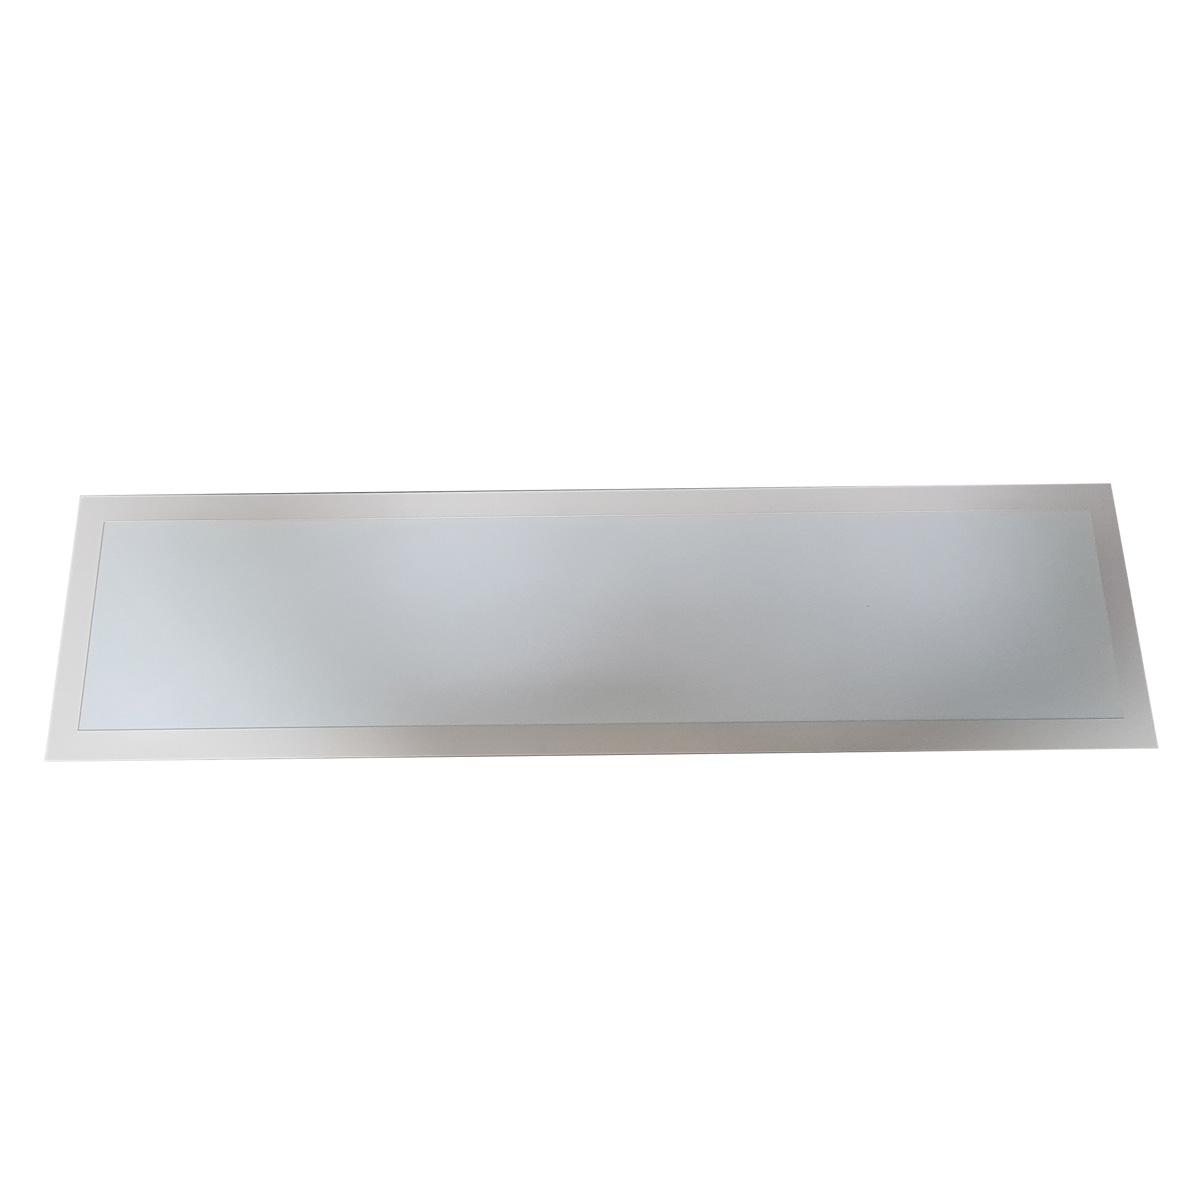 Luminária Plafon 30x120 48w LED Embutir Retangular Branco Frio 6500k